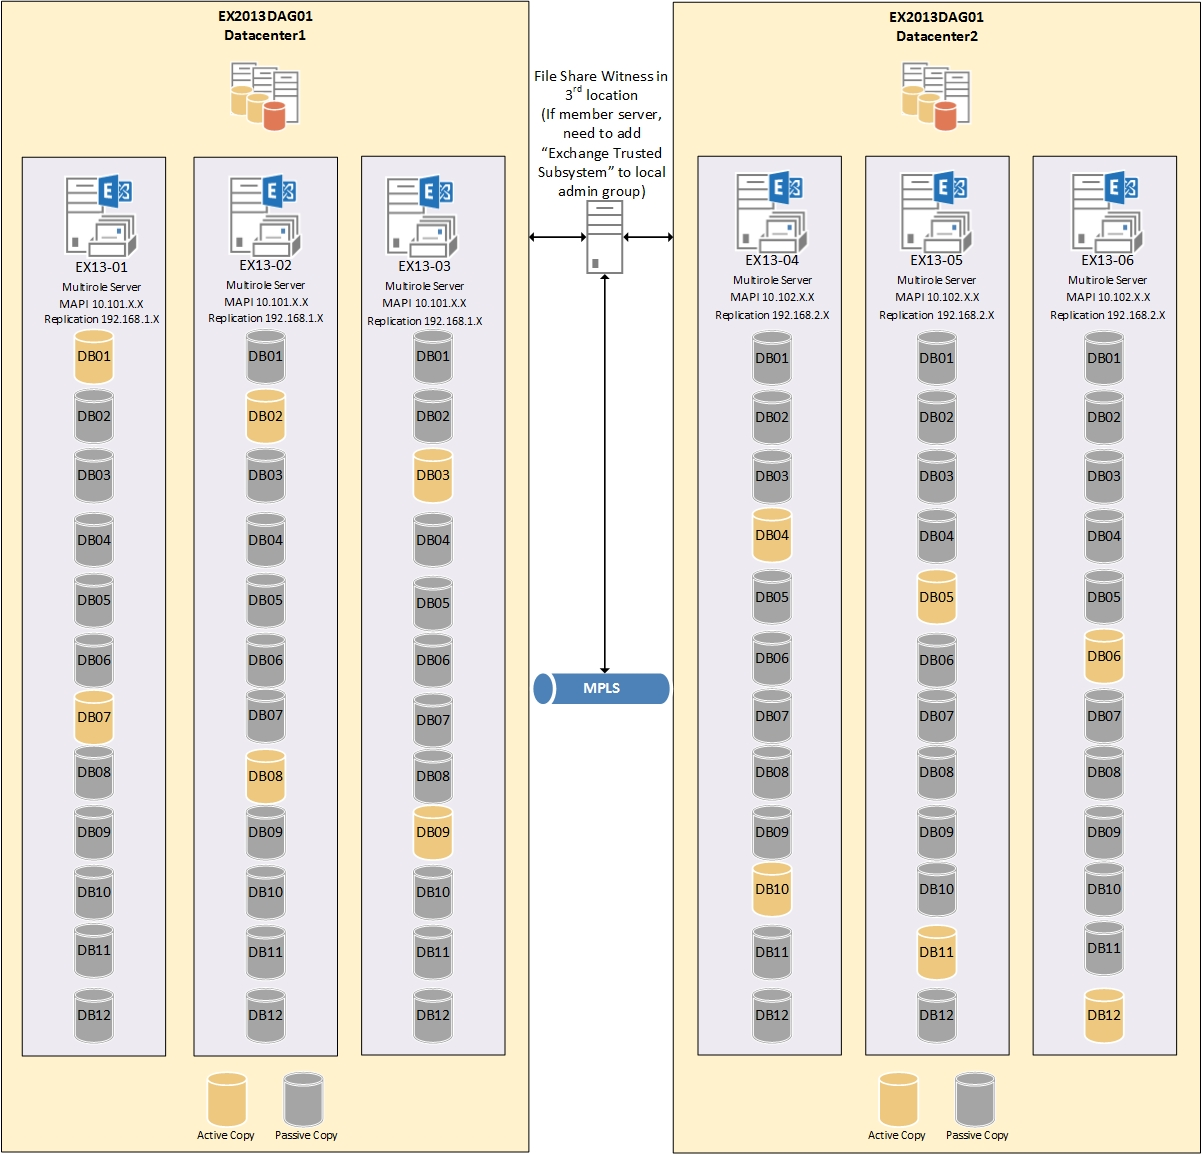 Exchange 2013 DAG Overview